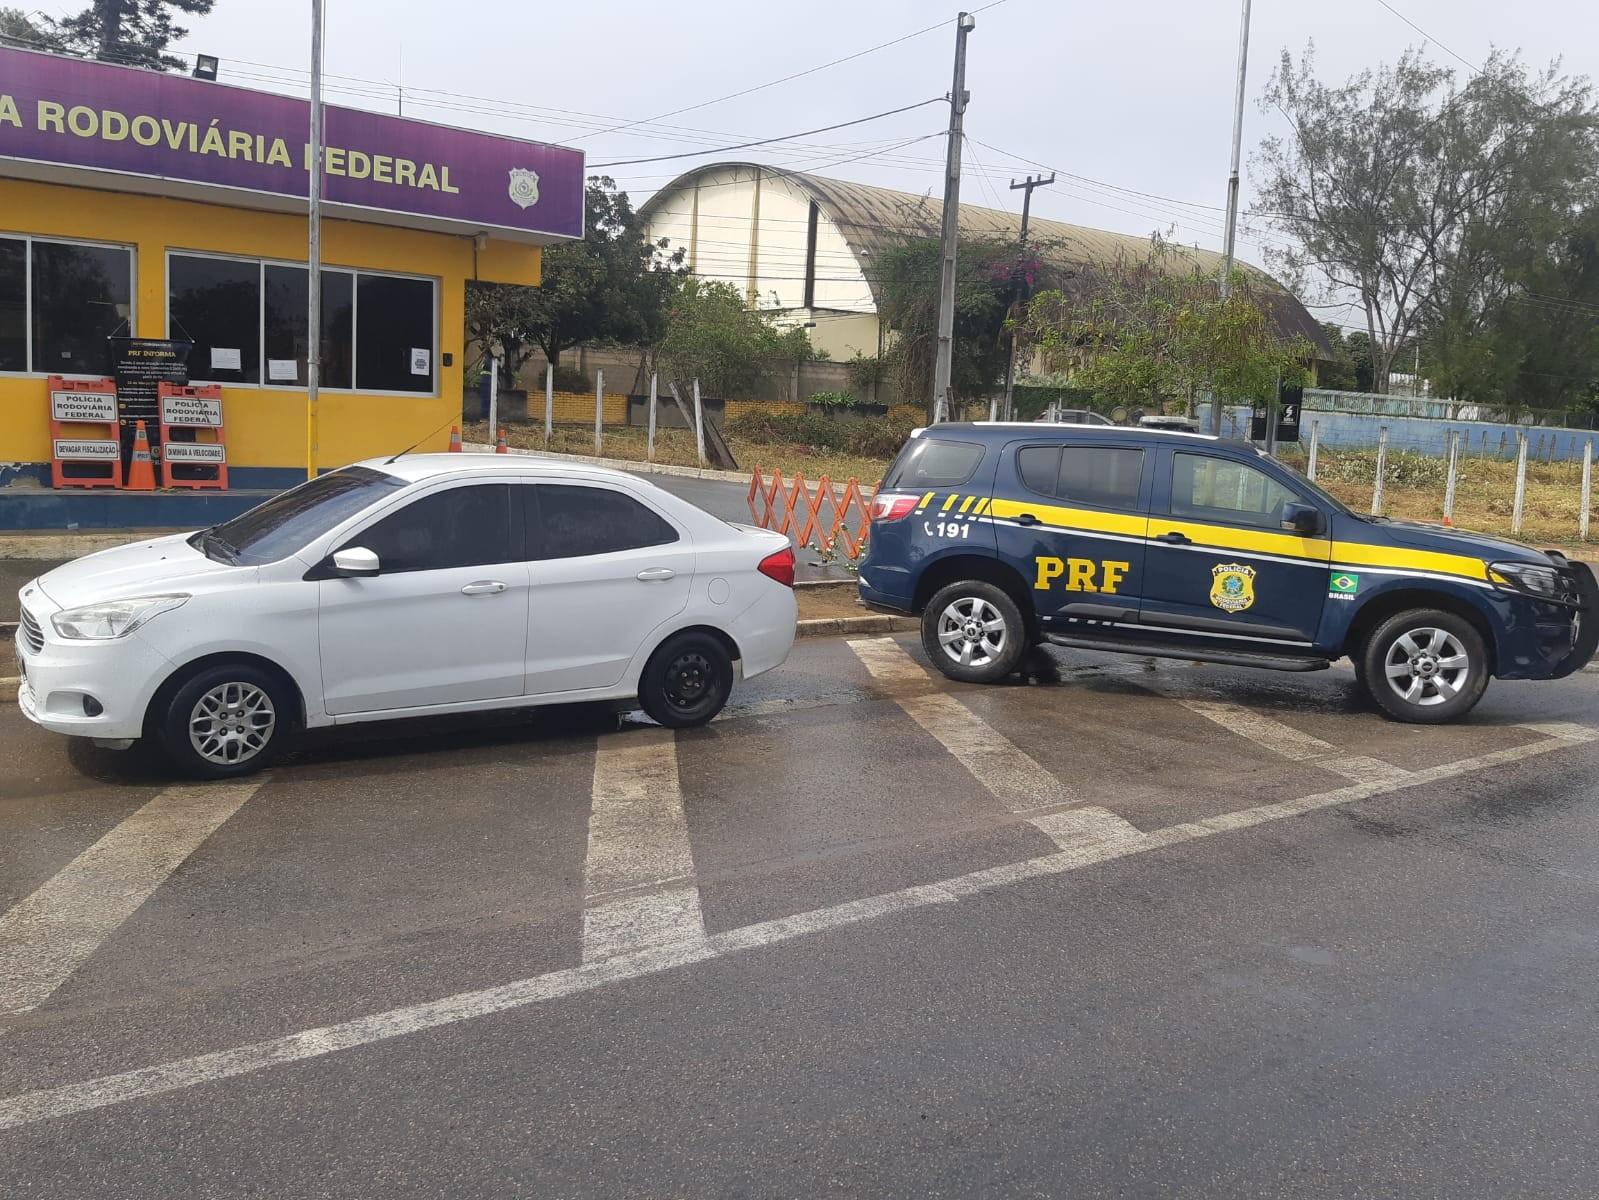 Menina de 9 anos é encontrada sem os pais dentro de carro roubado em Garanhuns